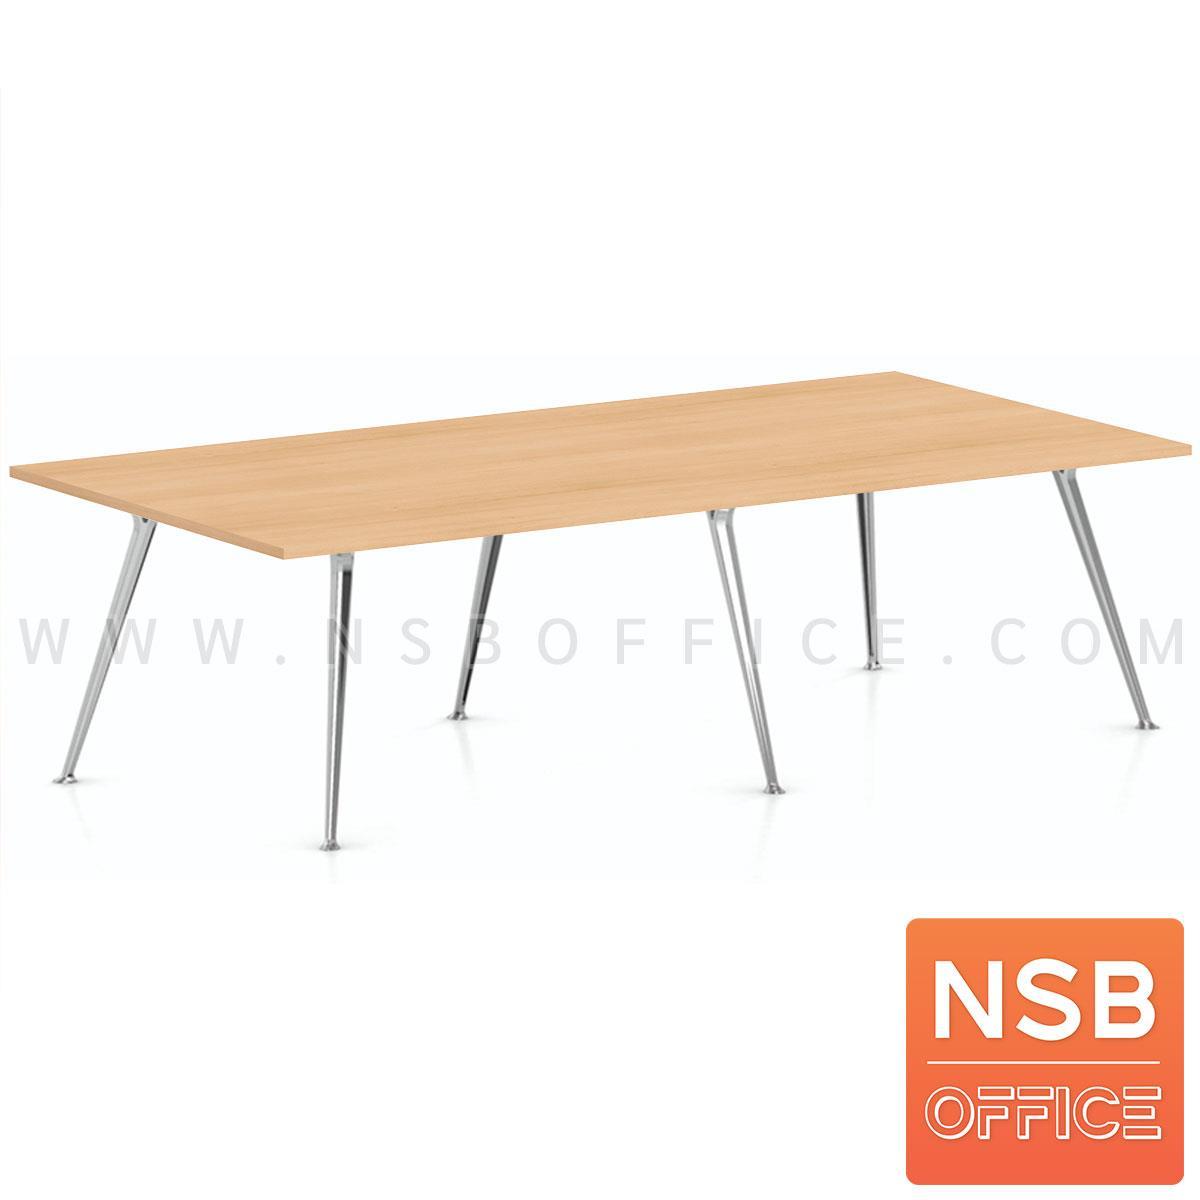 A05A231:โต๊ะประชุมทรงสี่เหลี่ยม  รุ่น Bronze (บรอนซ์) ขนาด 240W*120D cm. ขาเหล็ก